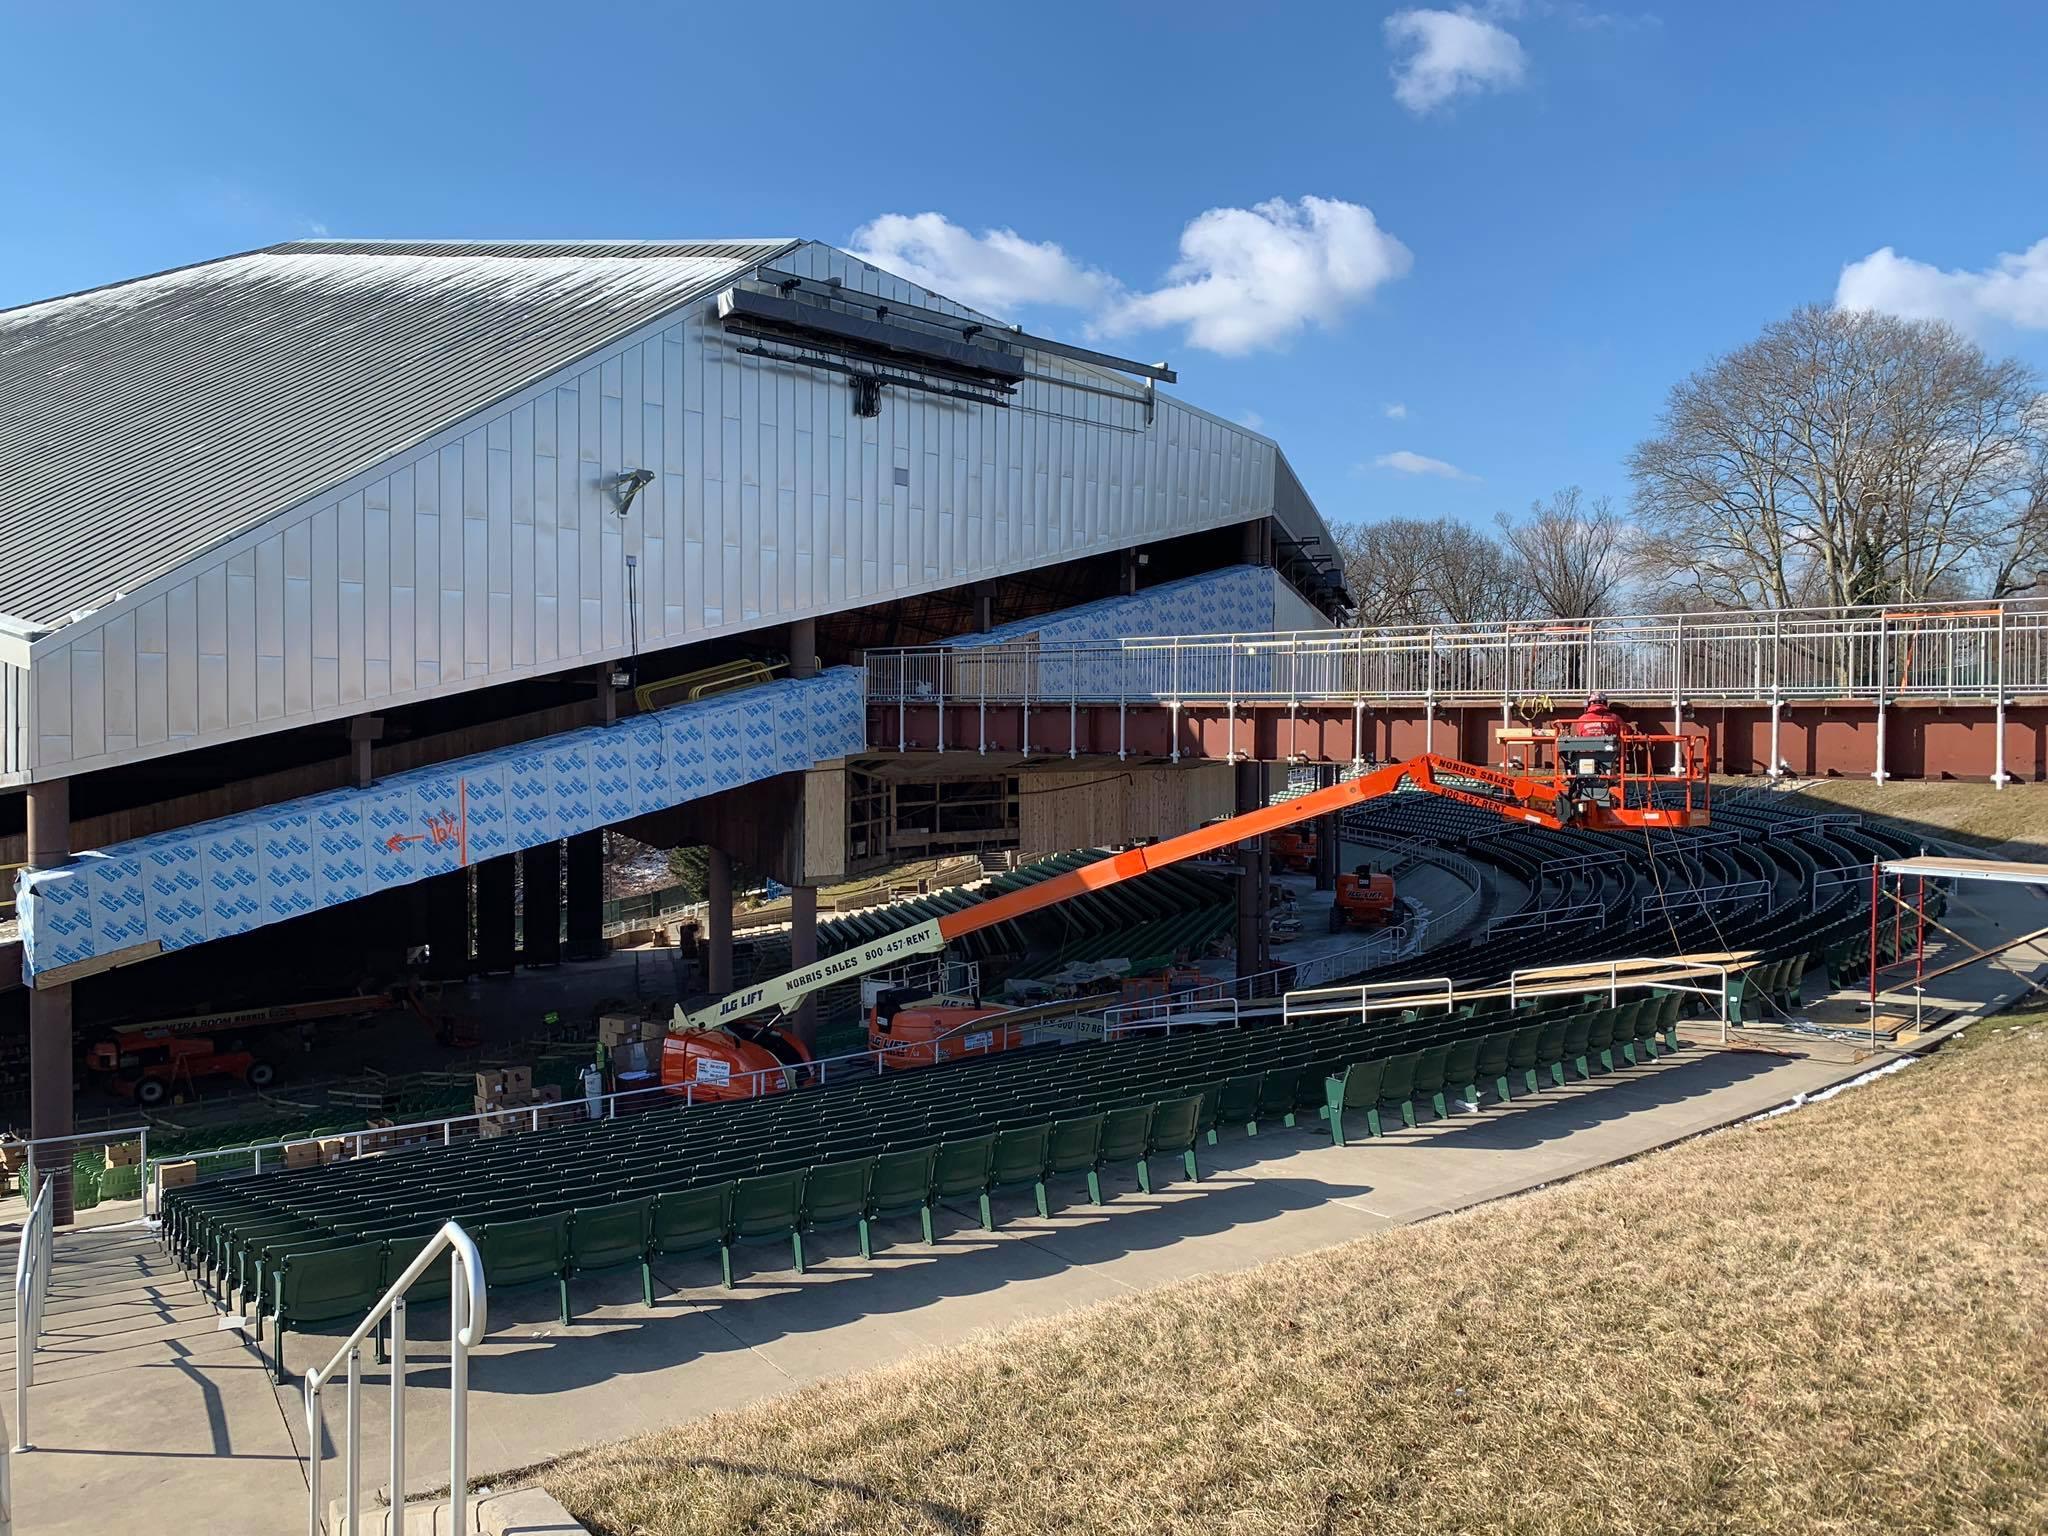 The Mann Center In Philadelphia Undergoes Renovations